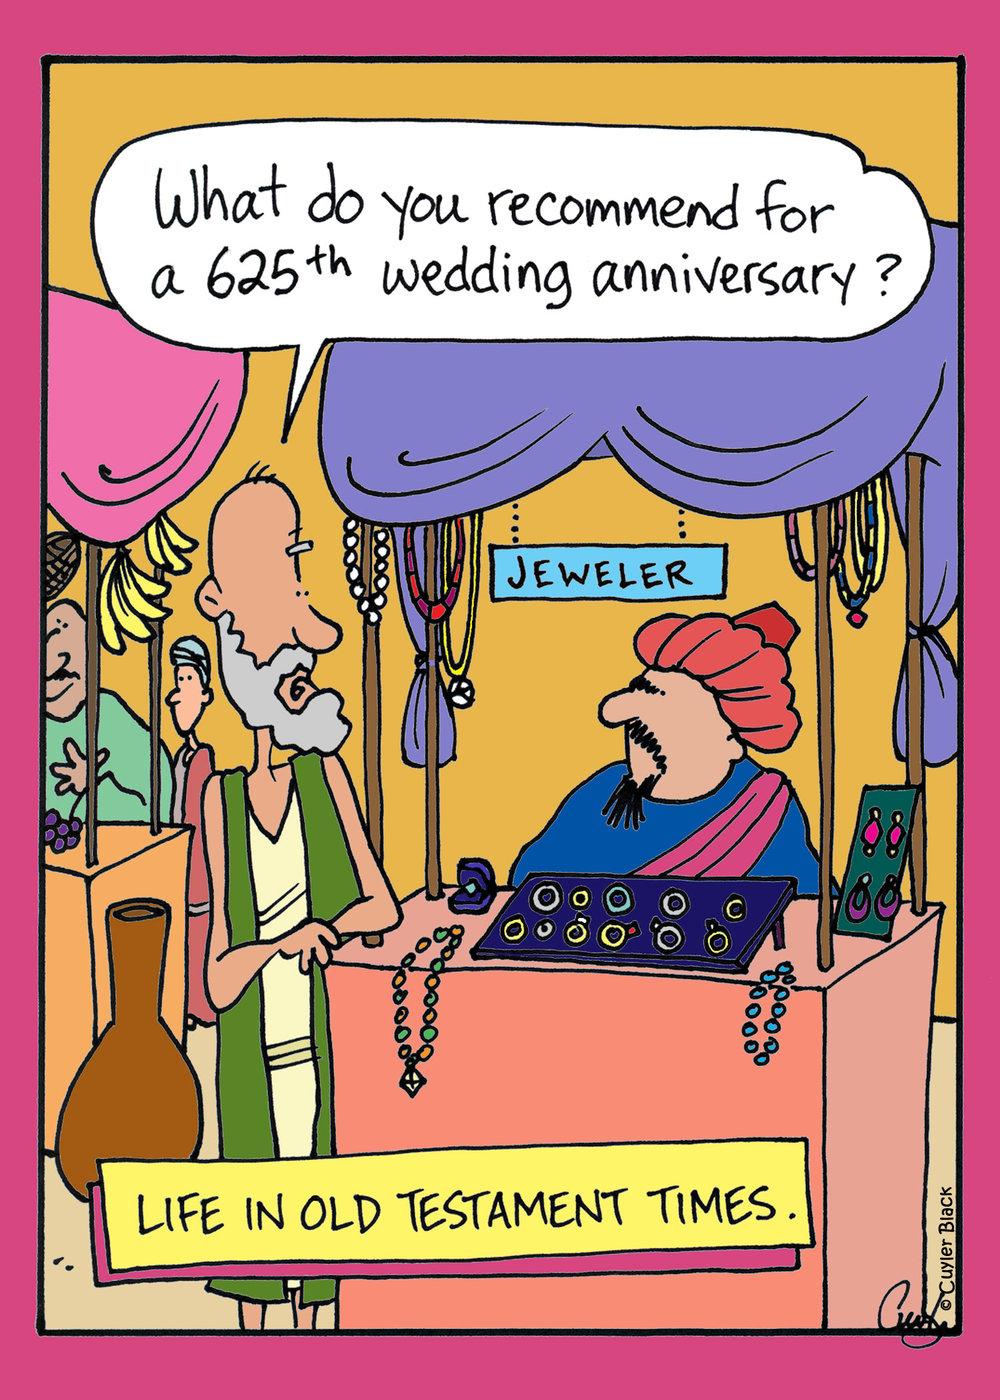 anniversary #625.jpg